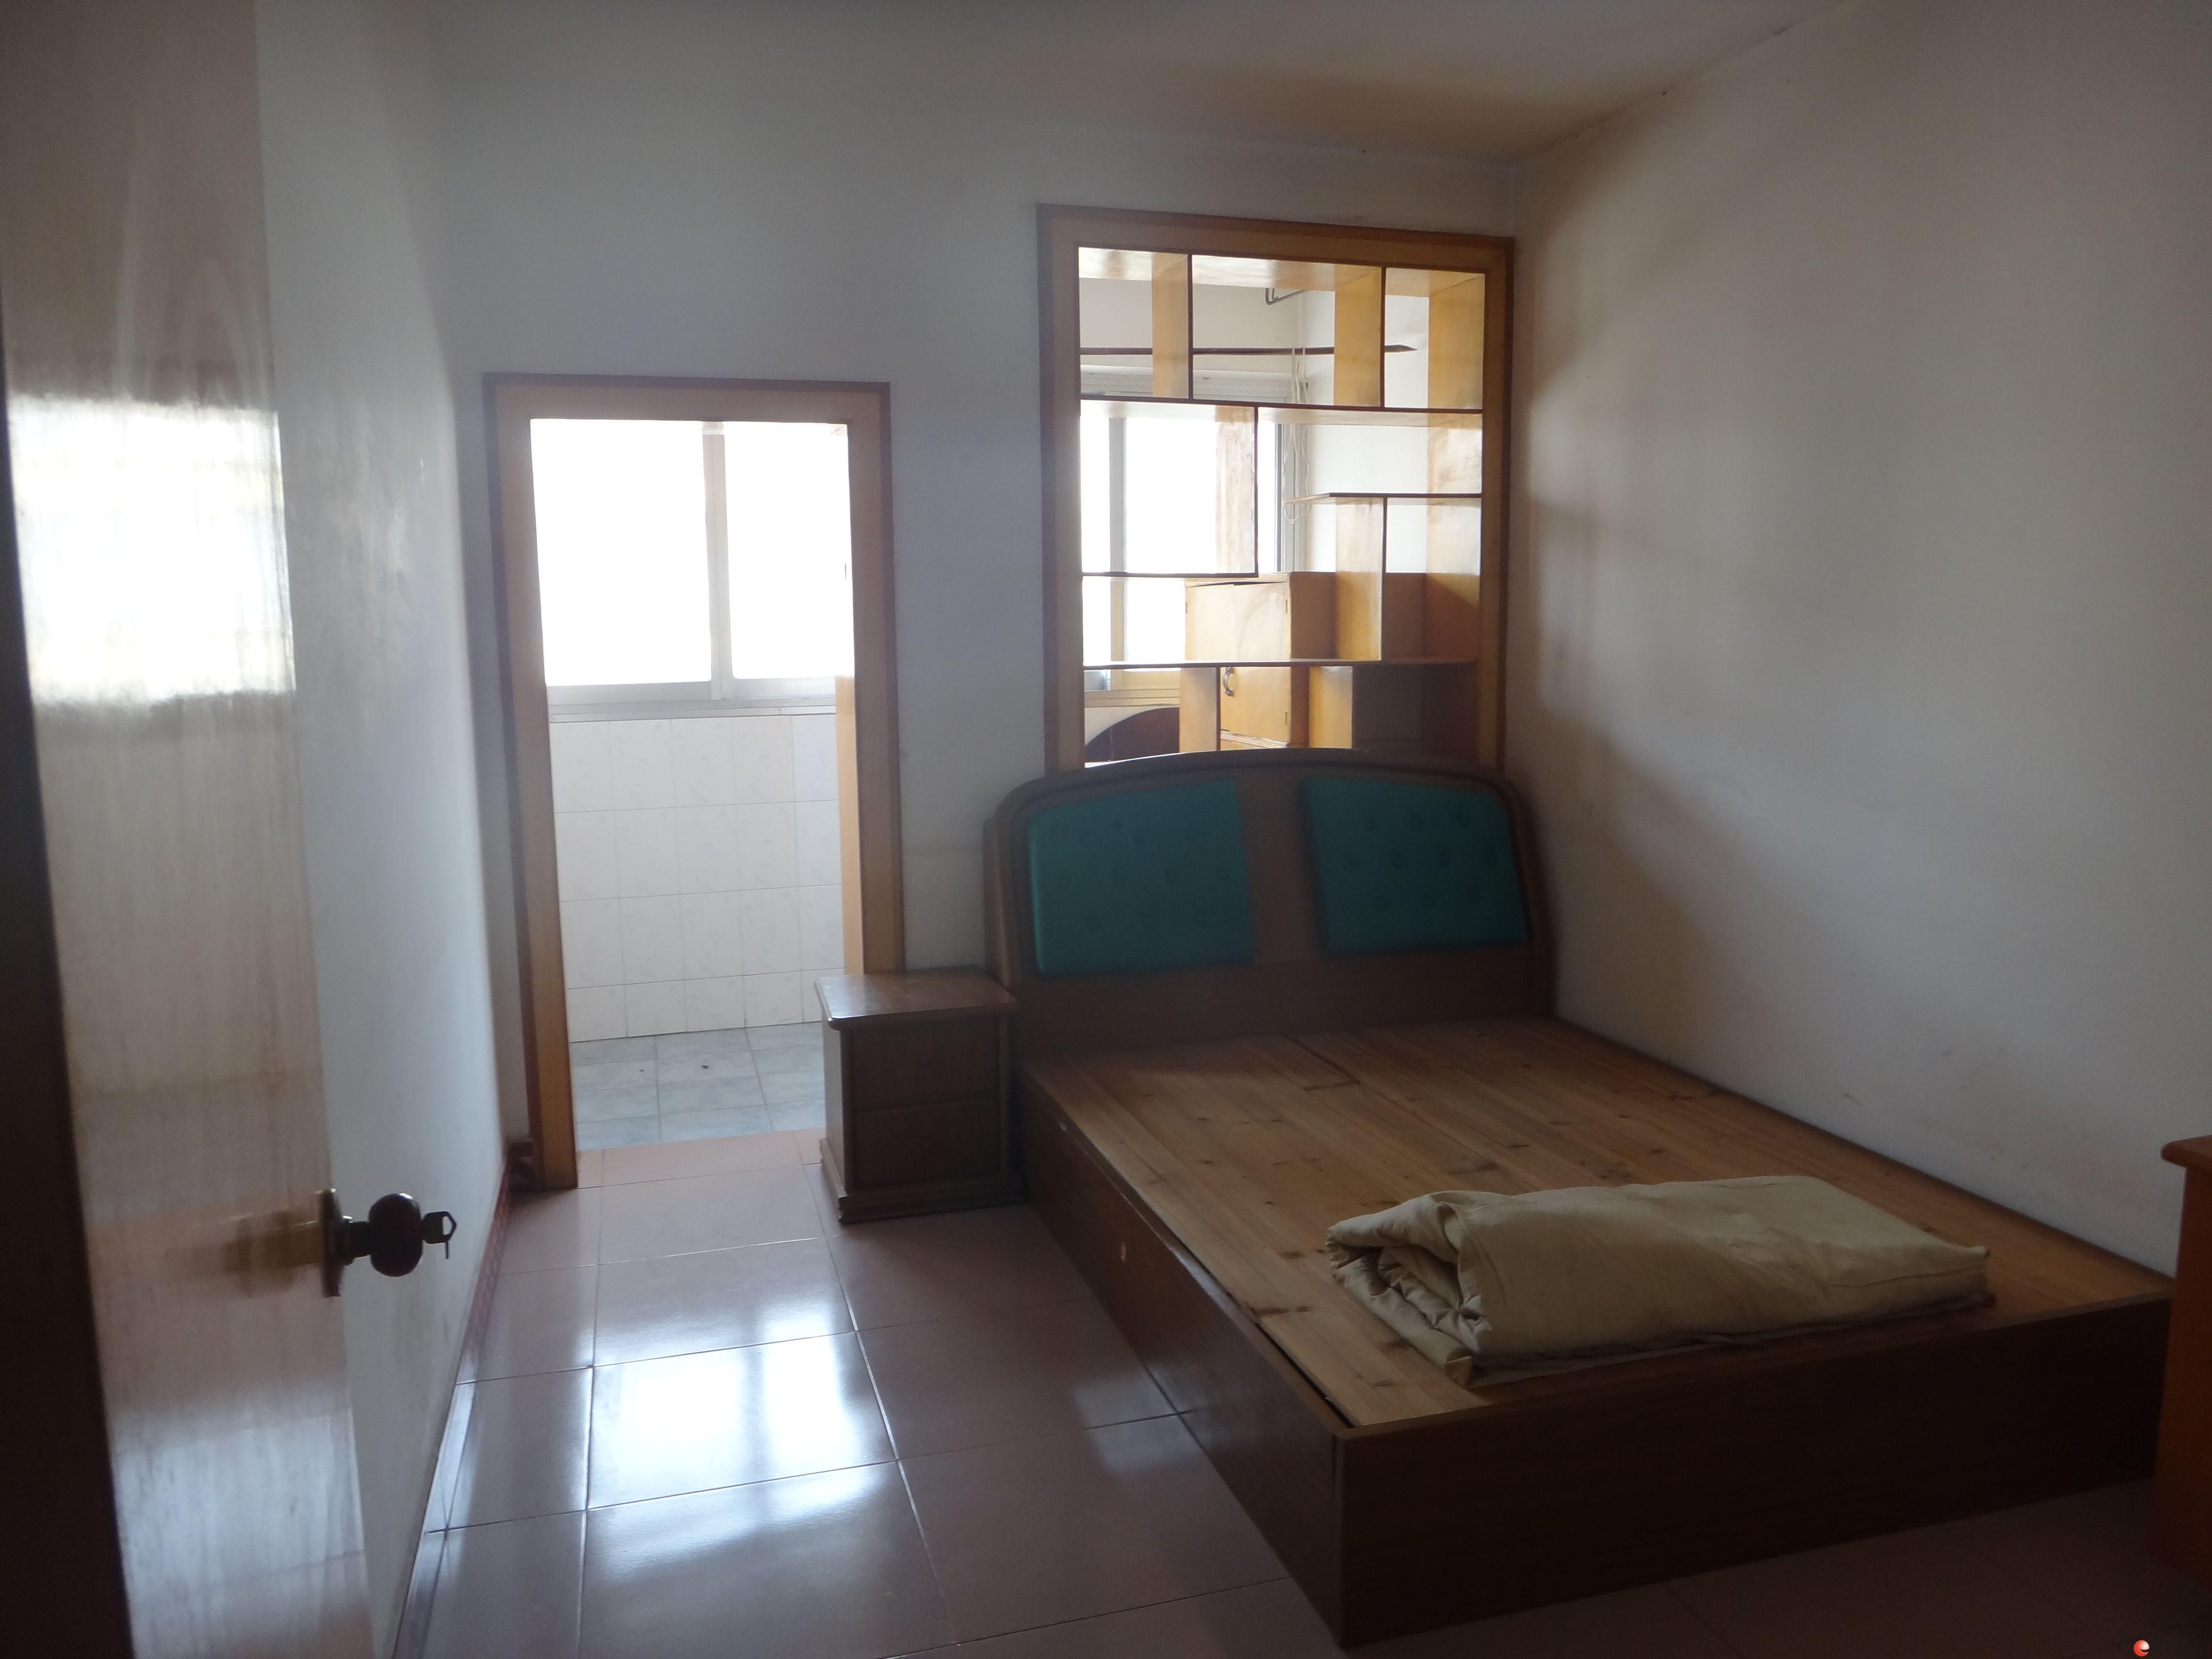 q翠竹路13号 鸣翠对面 2房1厅 80个平方 中式装修 1100